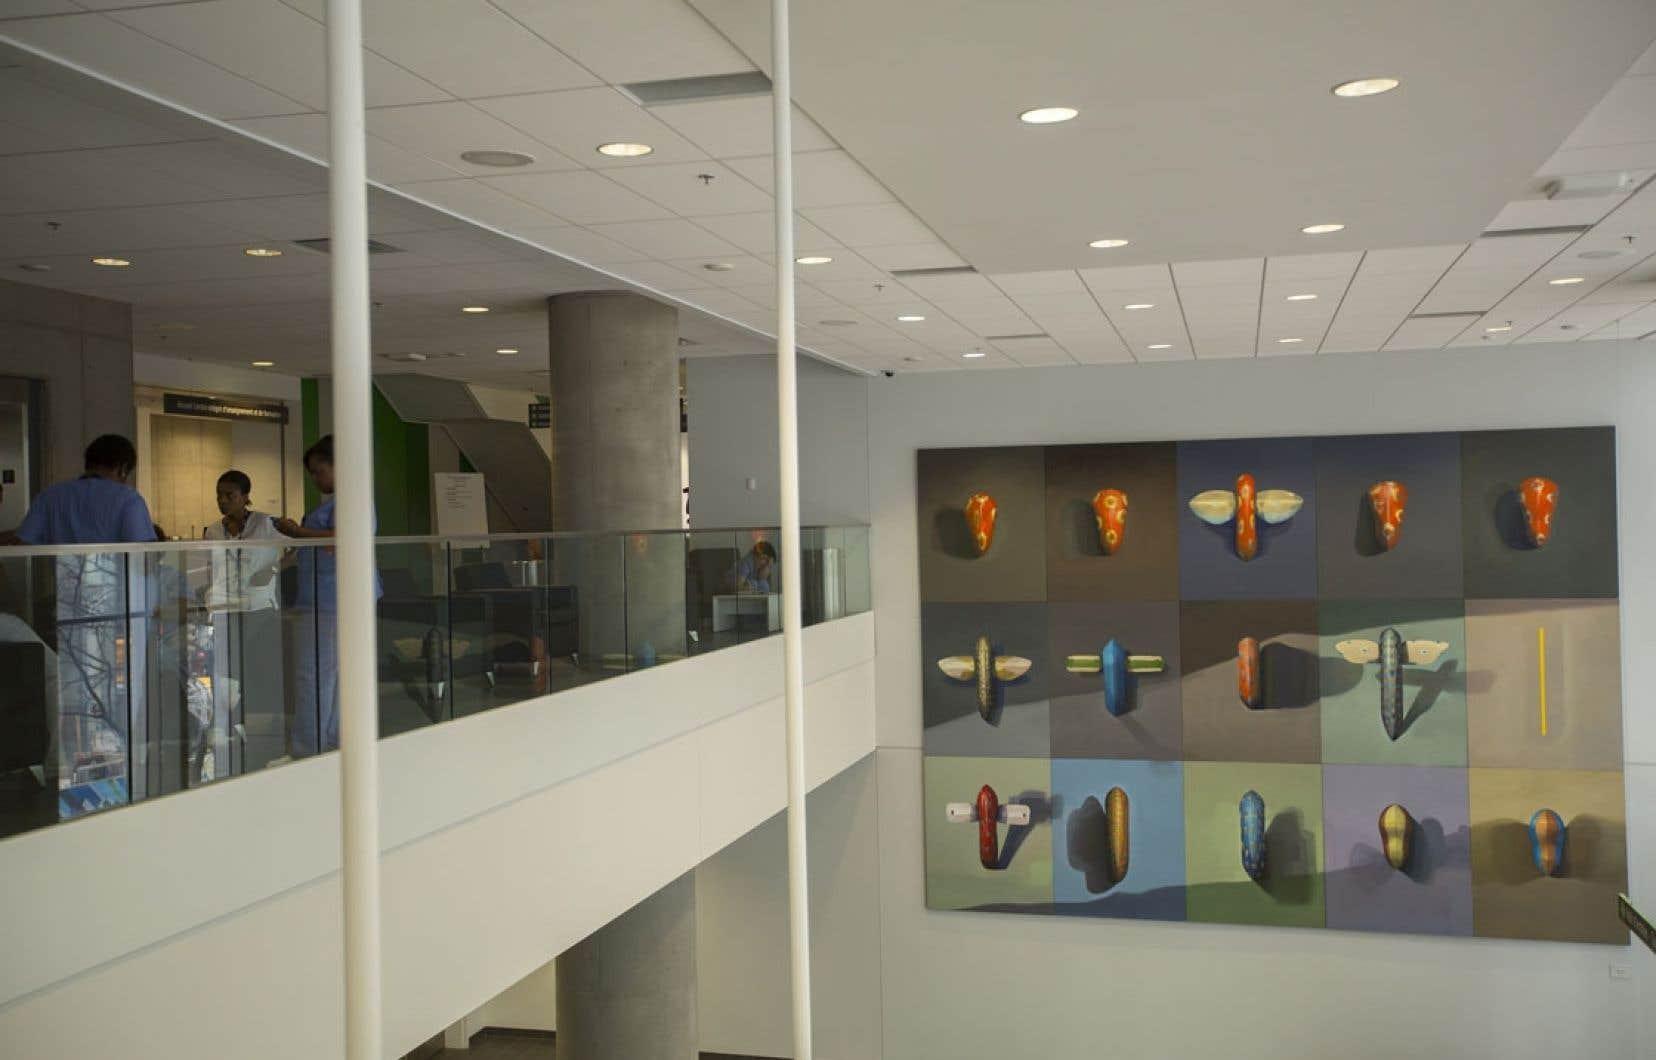 L'immense toile de cinq mètres sur sept de François Vincent se trouve dans l'espace ouvert de l'entrée principale. Premiers arrivants est fait de 15 panneaux arborant chacun un petit objet, mi-amulette, mi-cocon, aux couleurs chaudes.